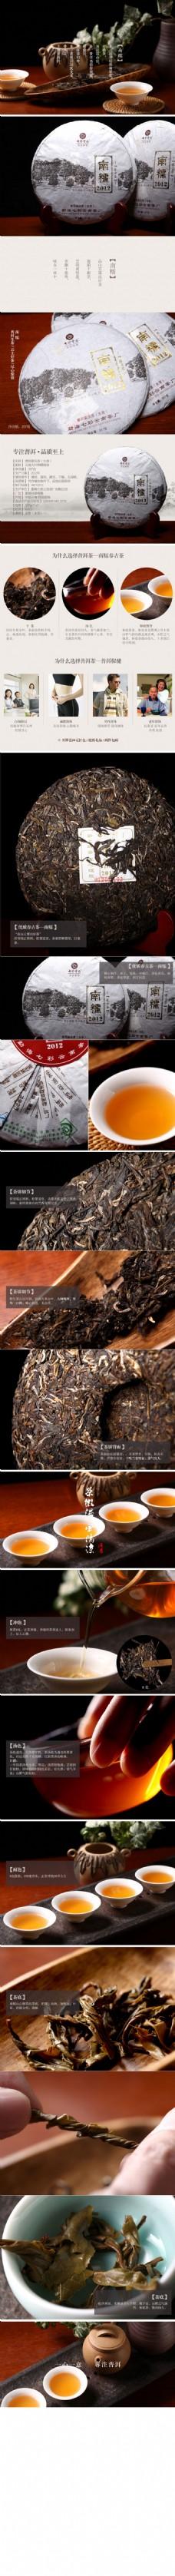 茶葉詳情頁ideapie (93)